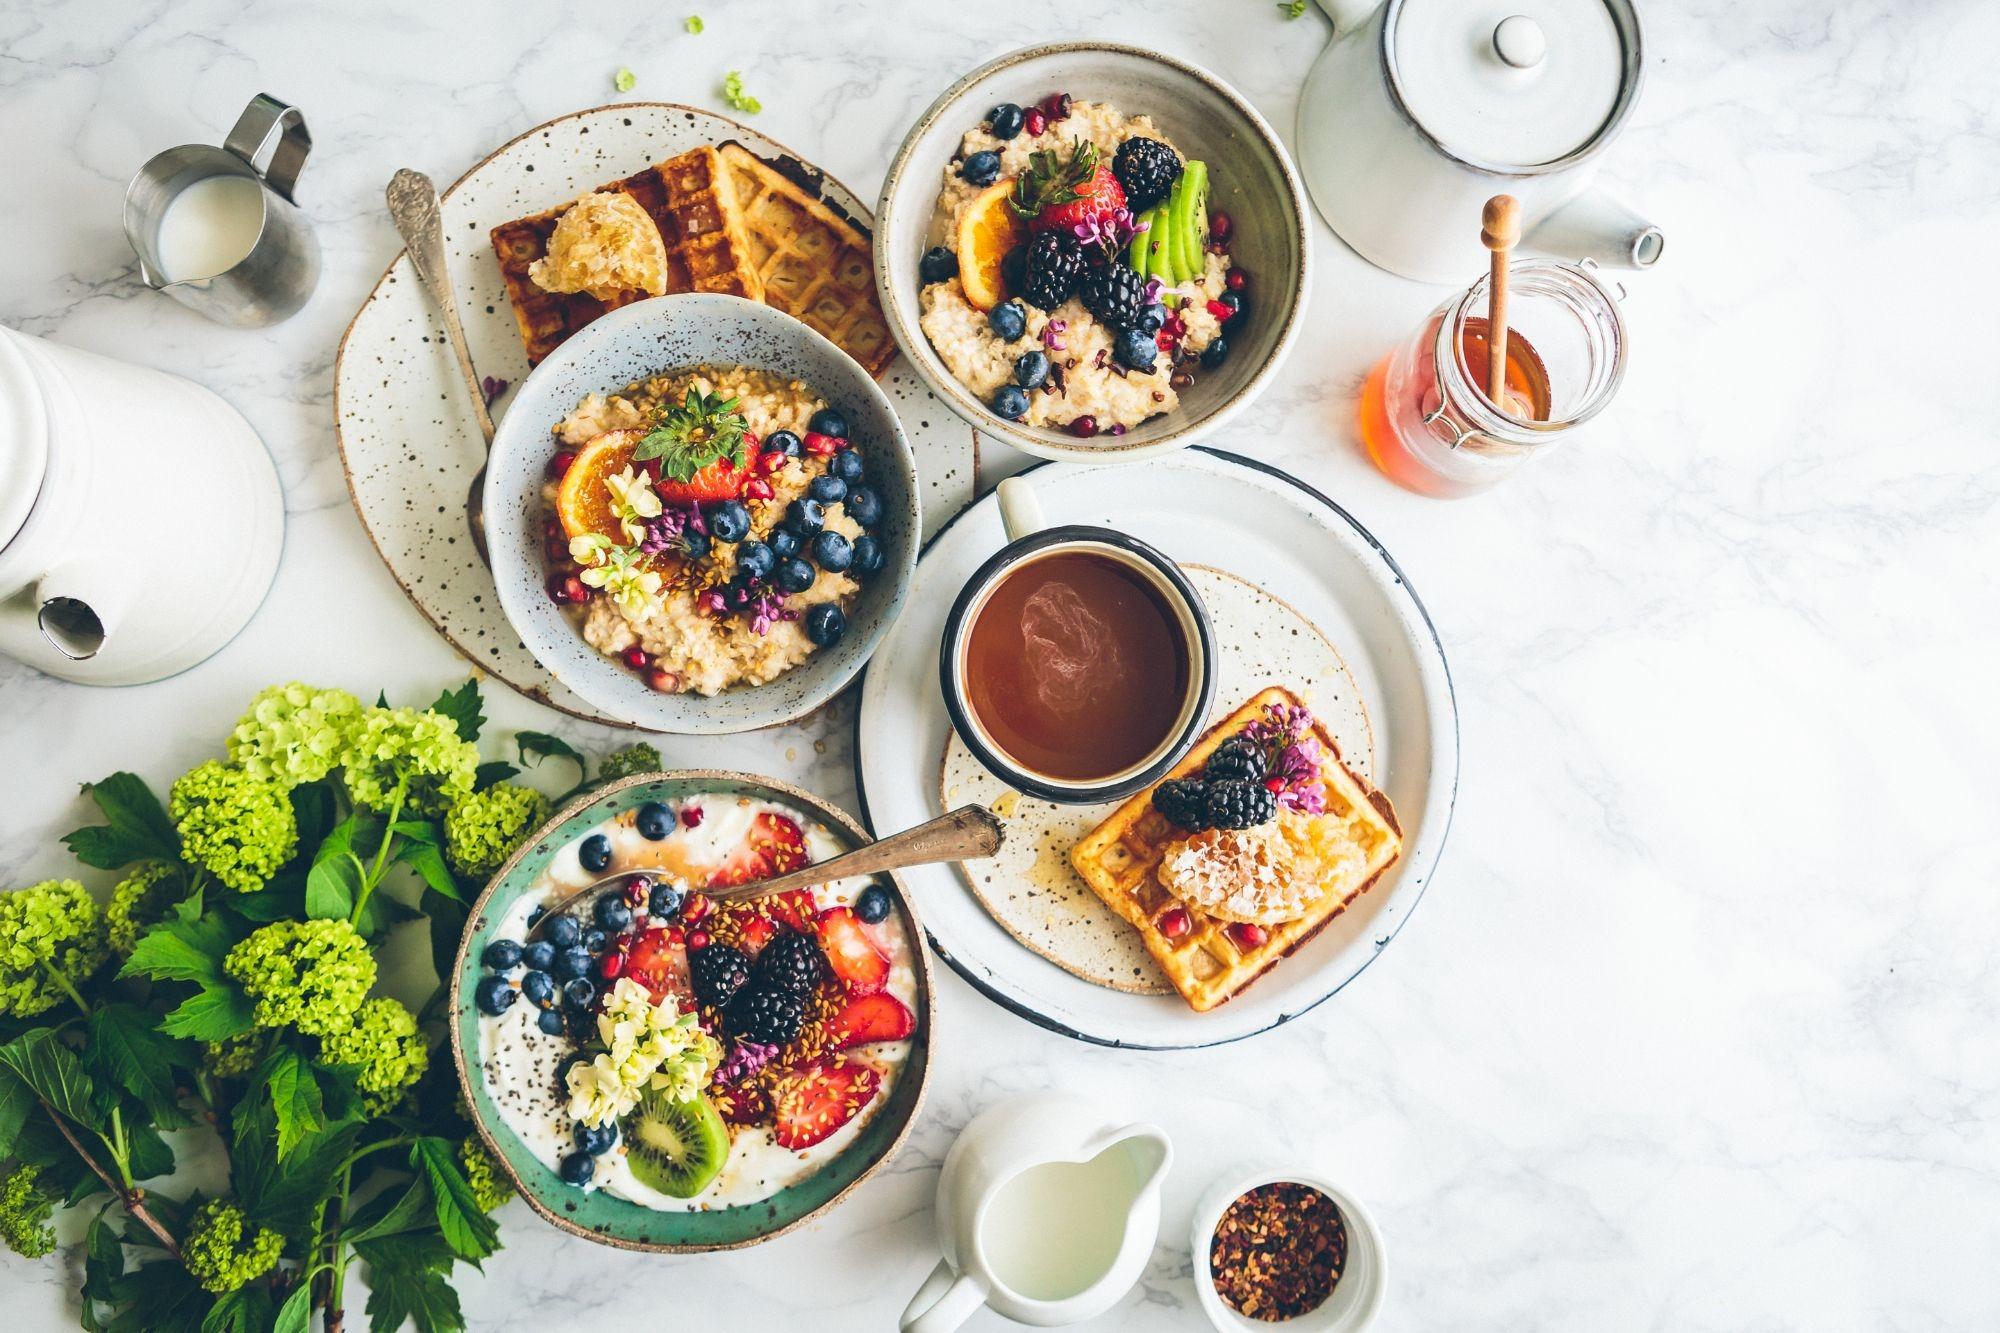 La colazione, considerazioni e spunti pratici